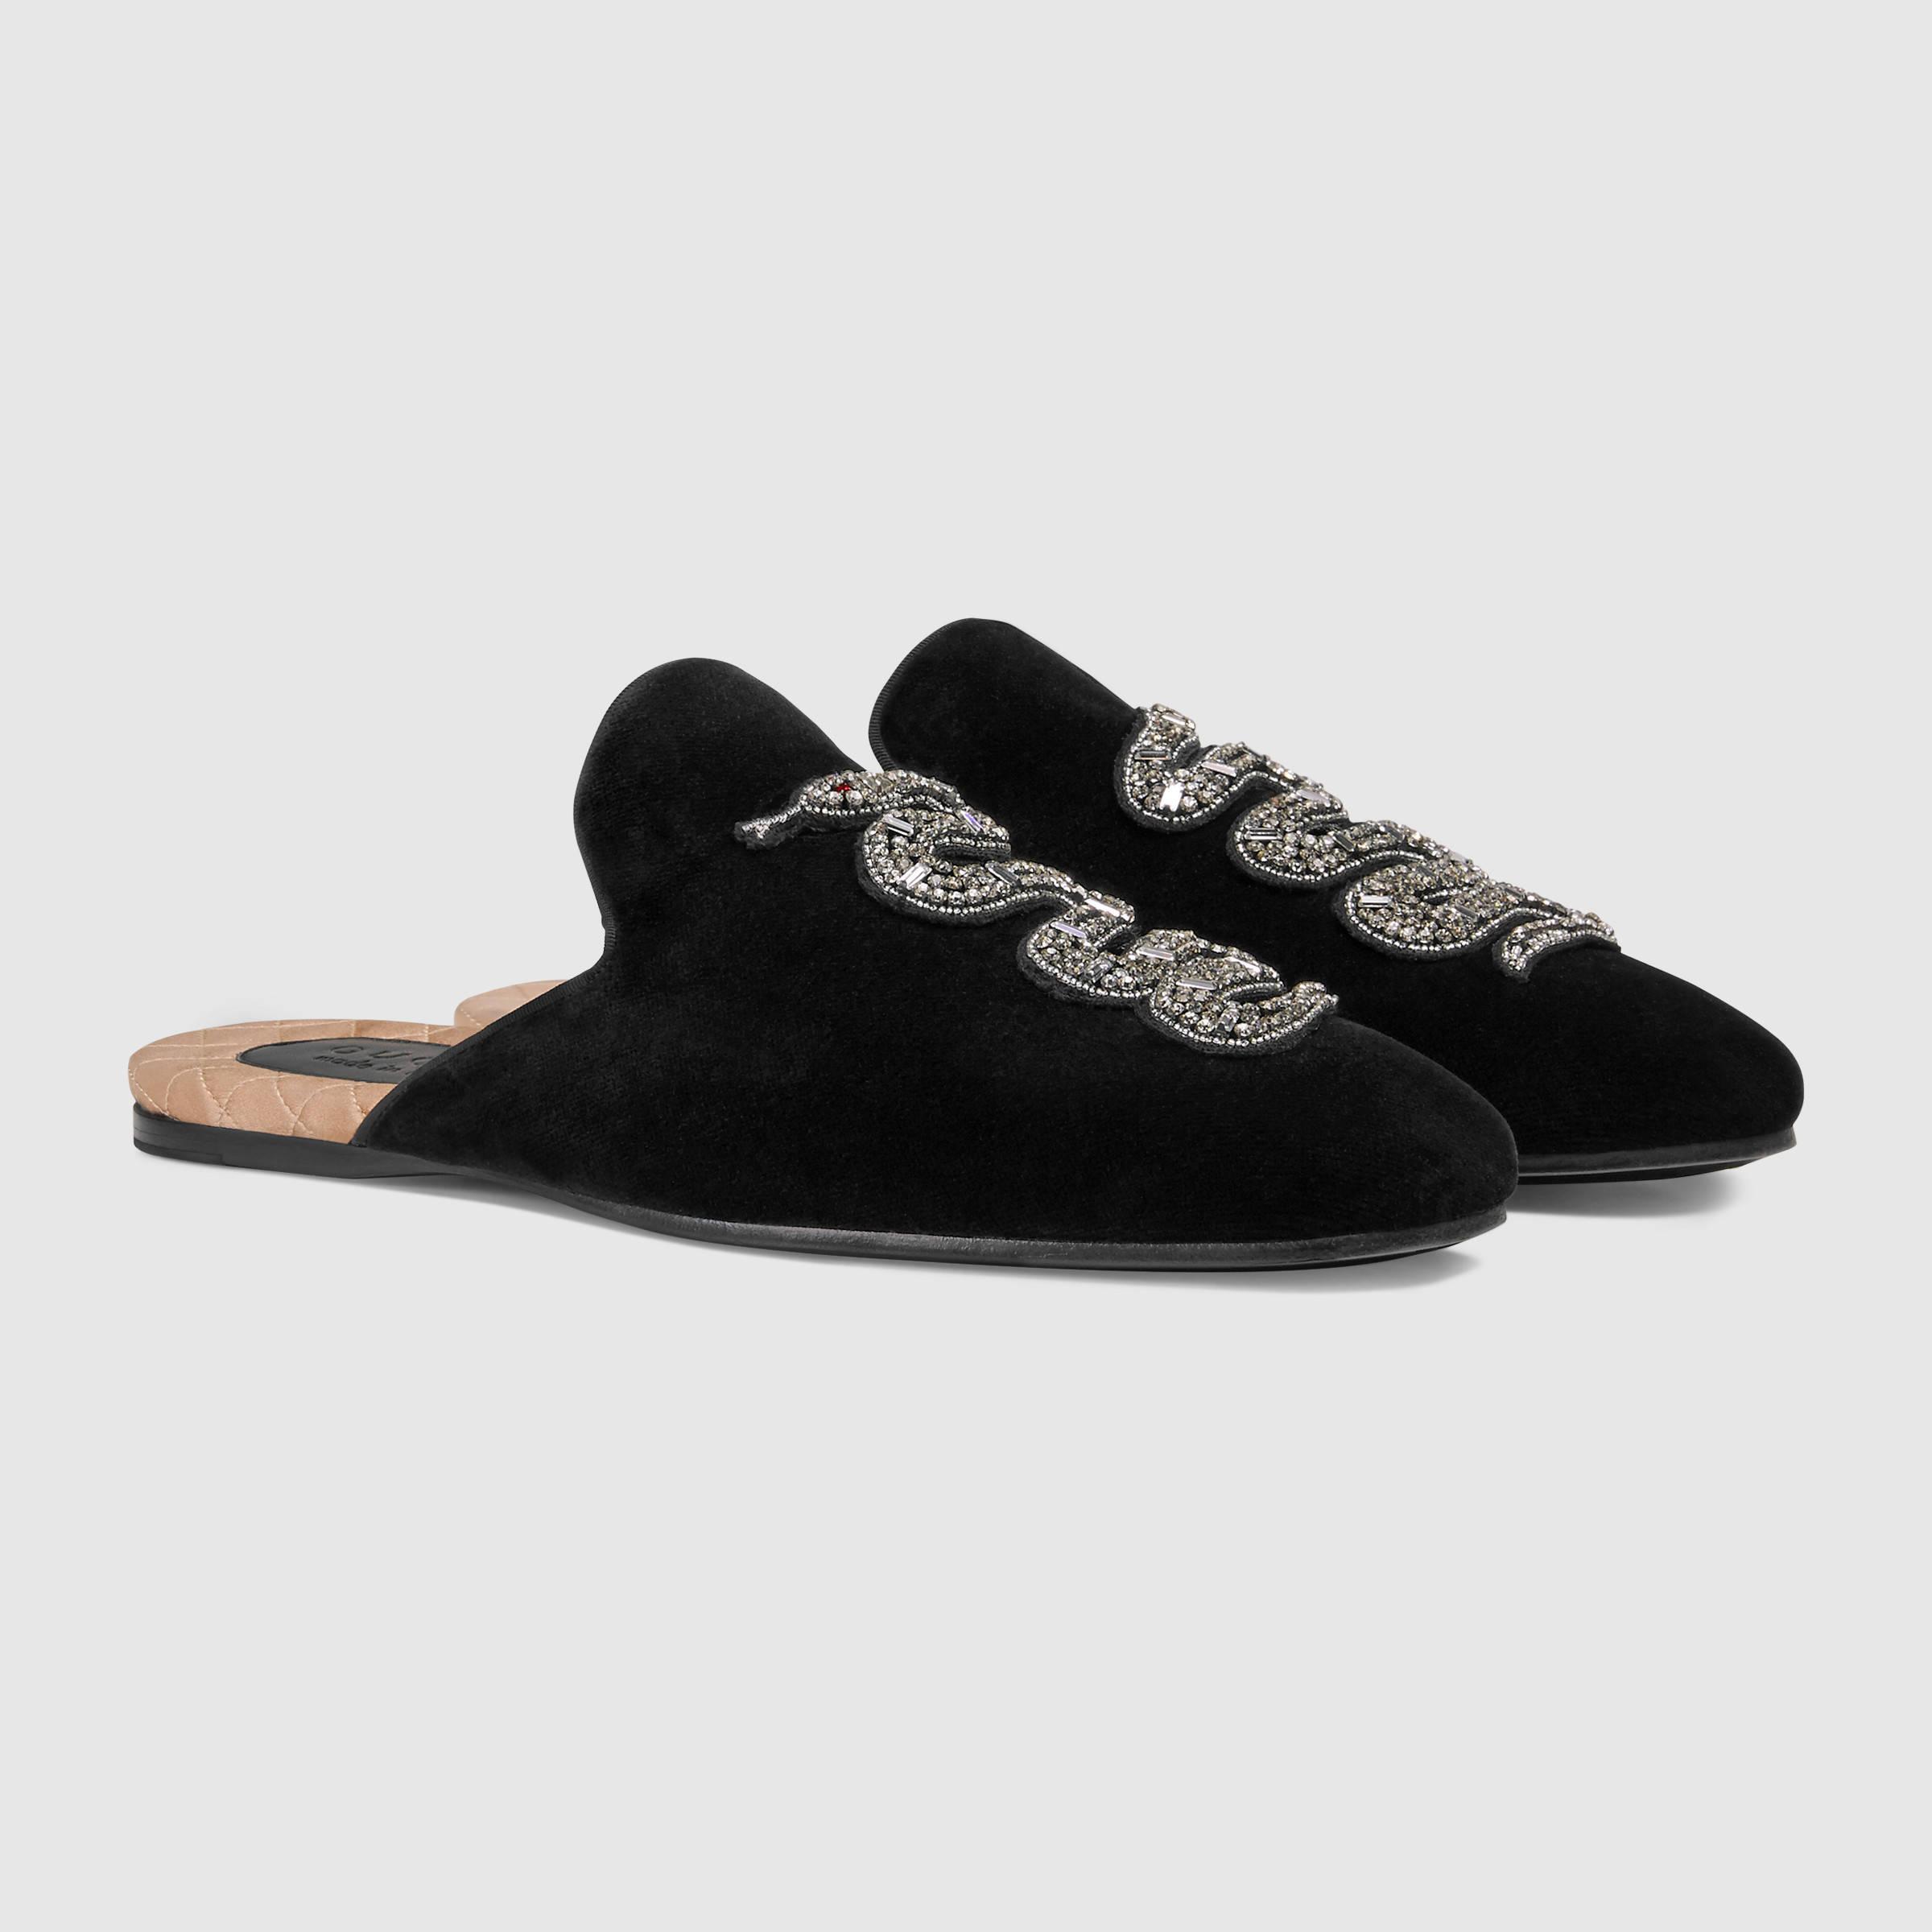 79633f0b6fa Lyst - Gucci Velvet Evening Slipper With Snake in Black for Men